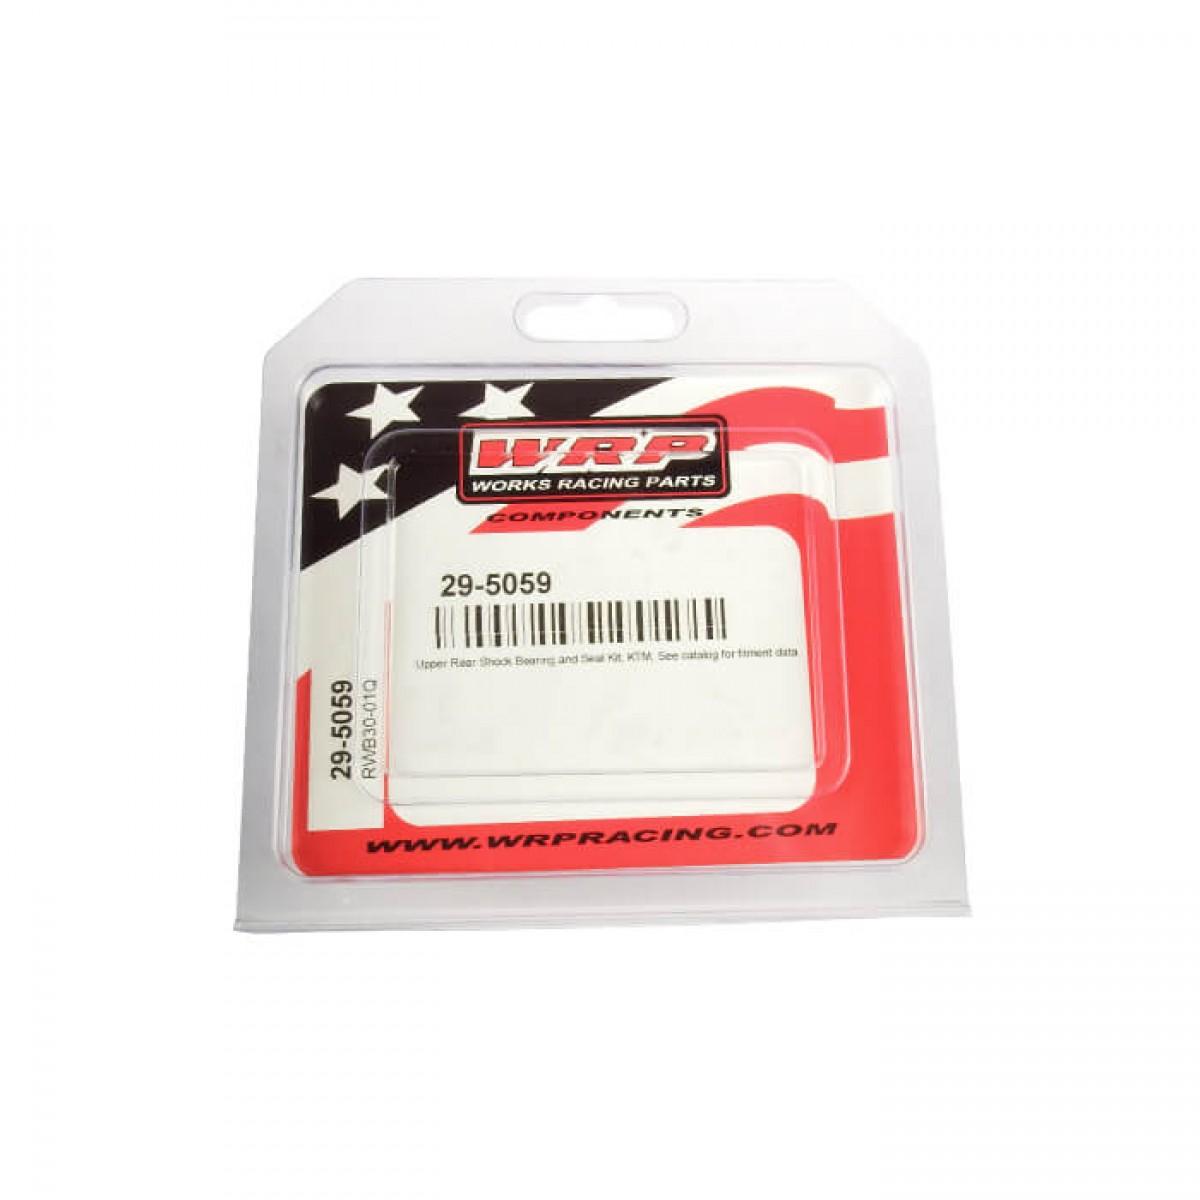 Kit Rolamento Amortecedor Superior - 29-5059 - KTM, HUSABERG